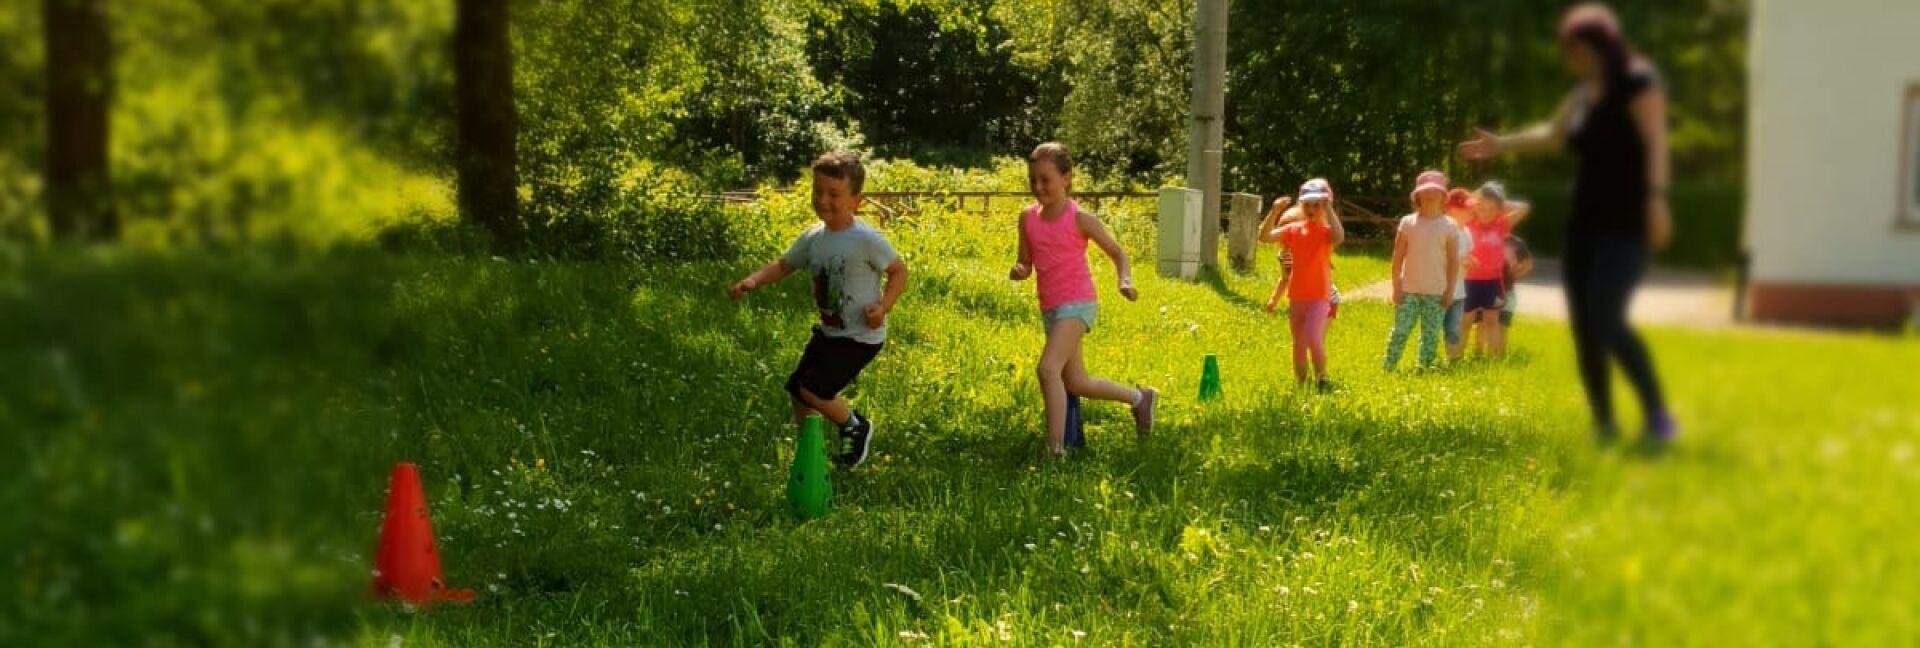 Kindersport im Freien